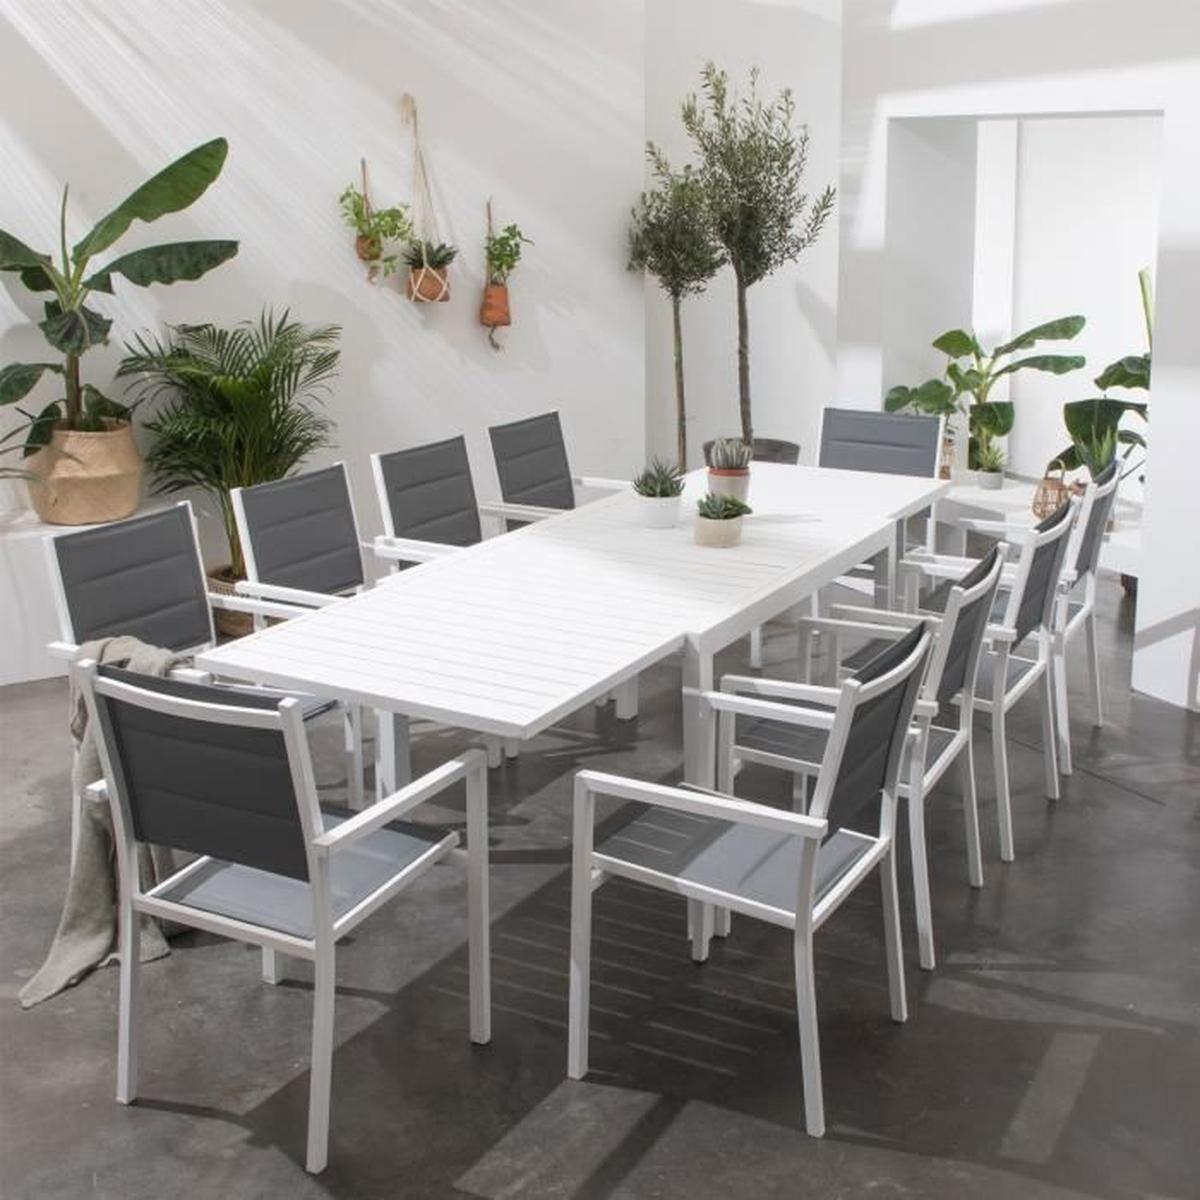 Salon De Jardin Venezia Extensible En Textilène Gris 10 ... avec C Discount Salon De Jardin